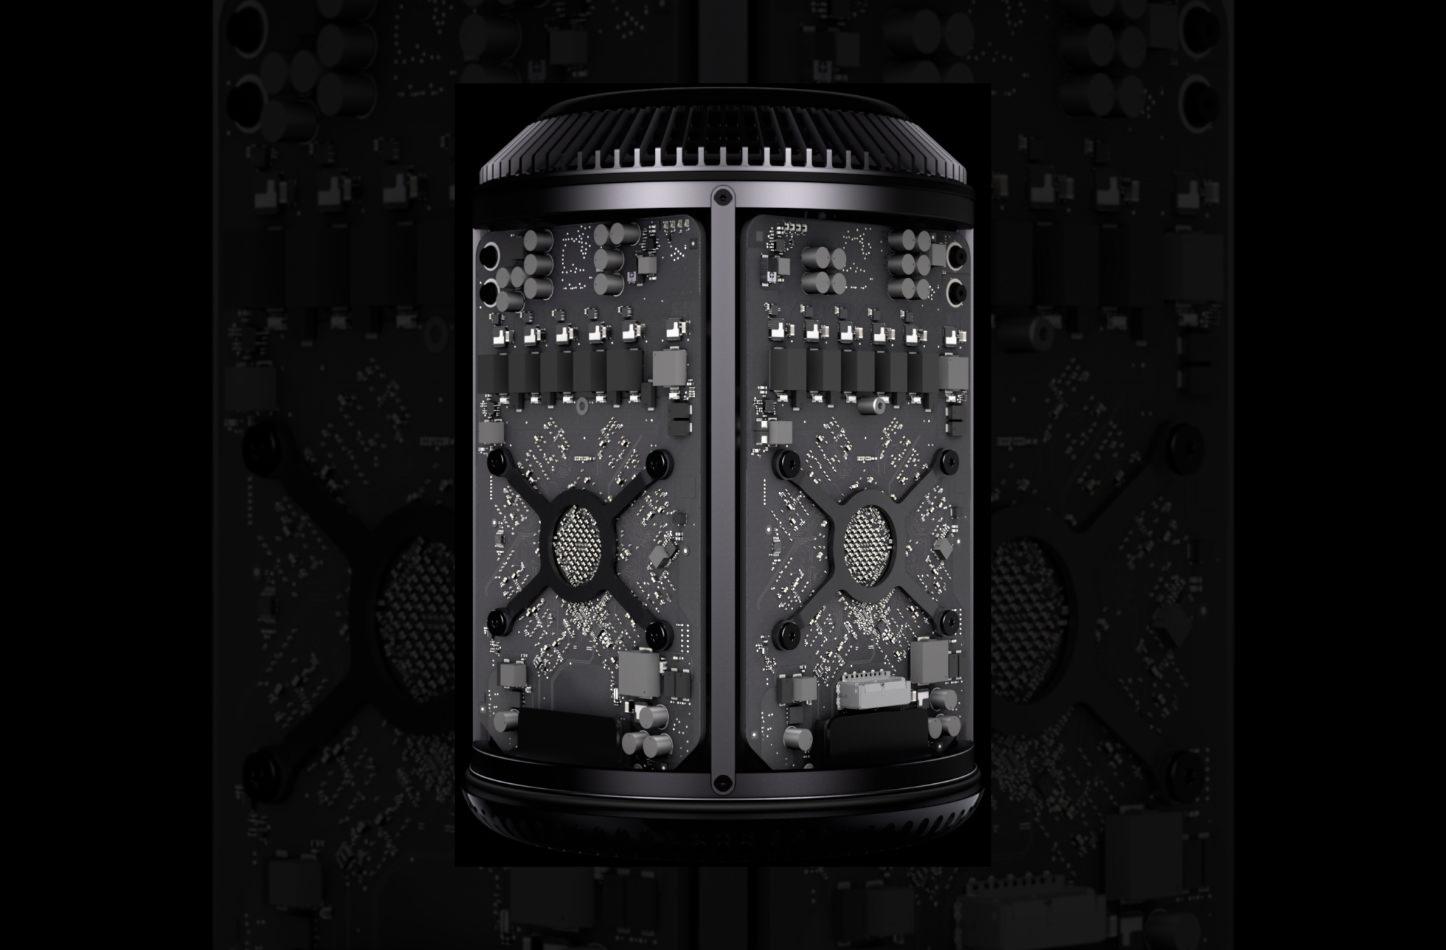 Mac Pro 2013 Inside